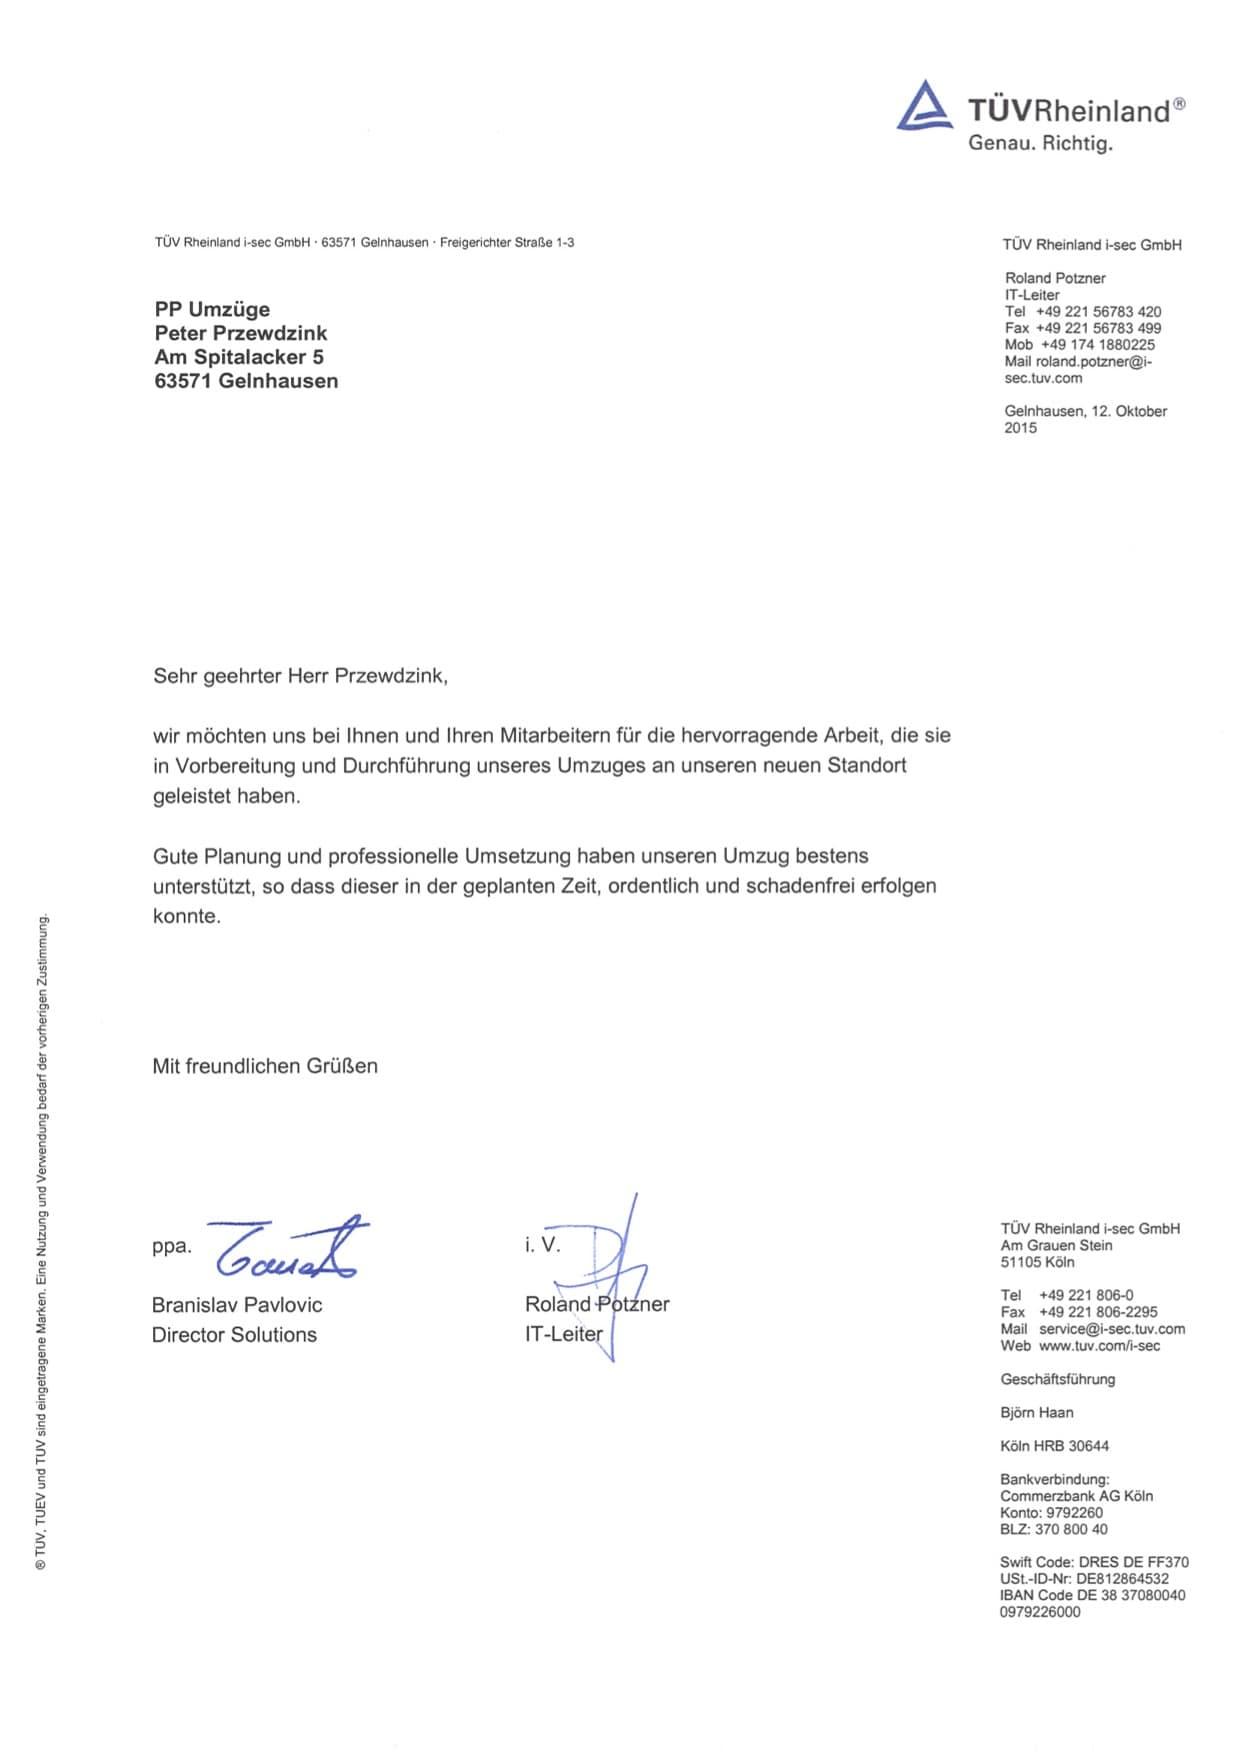 Erfreut Professionelle Referenz Galerie - FORTSETZUNG ARBEITSBLATT ...